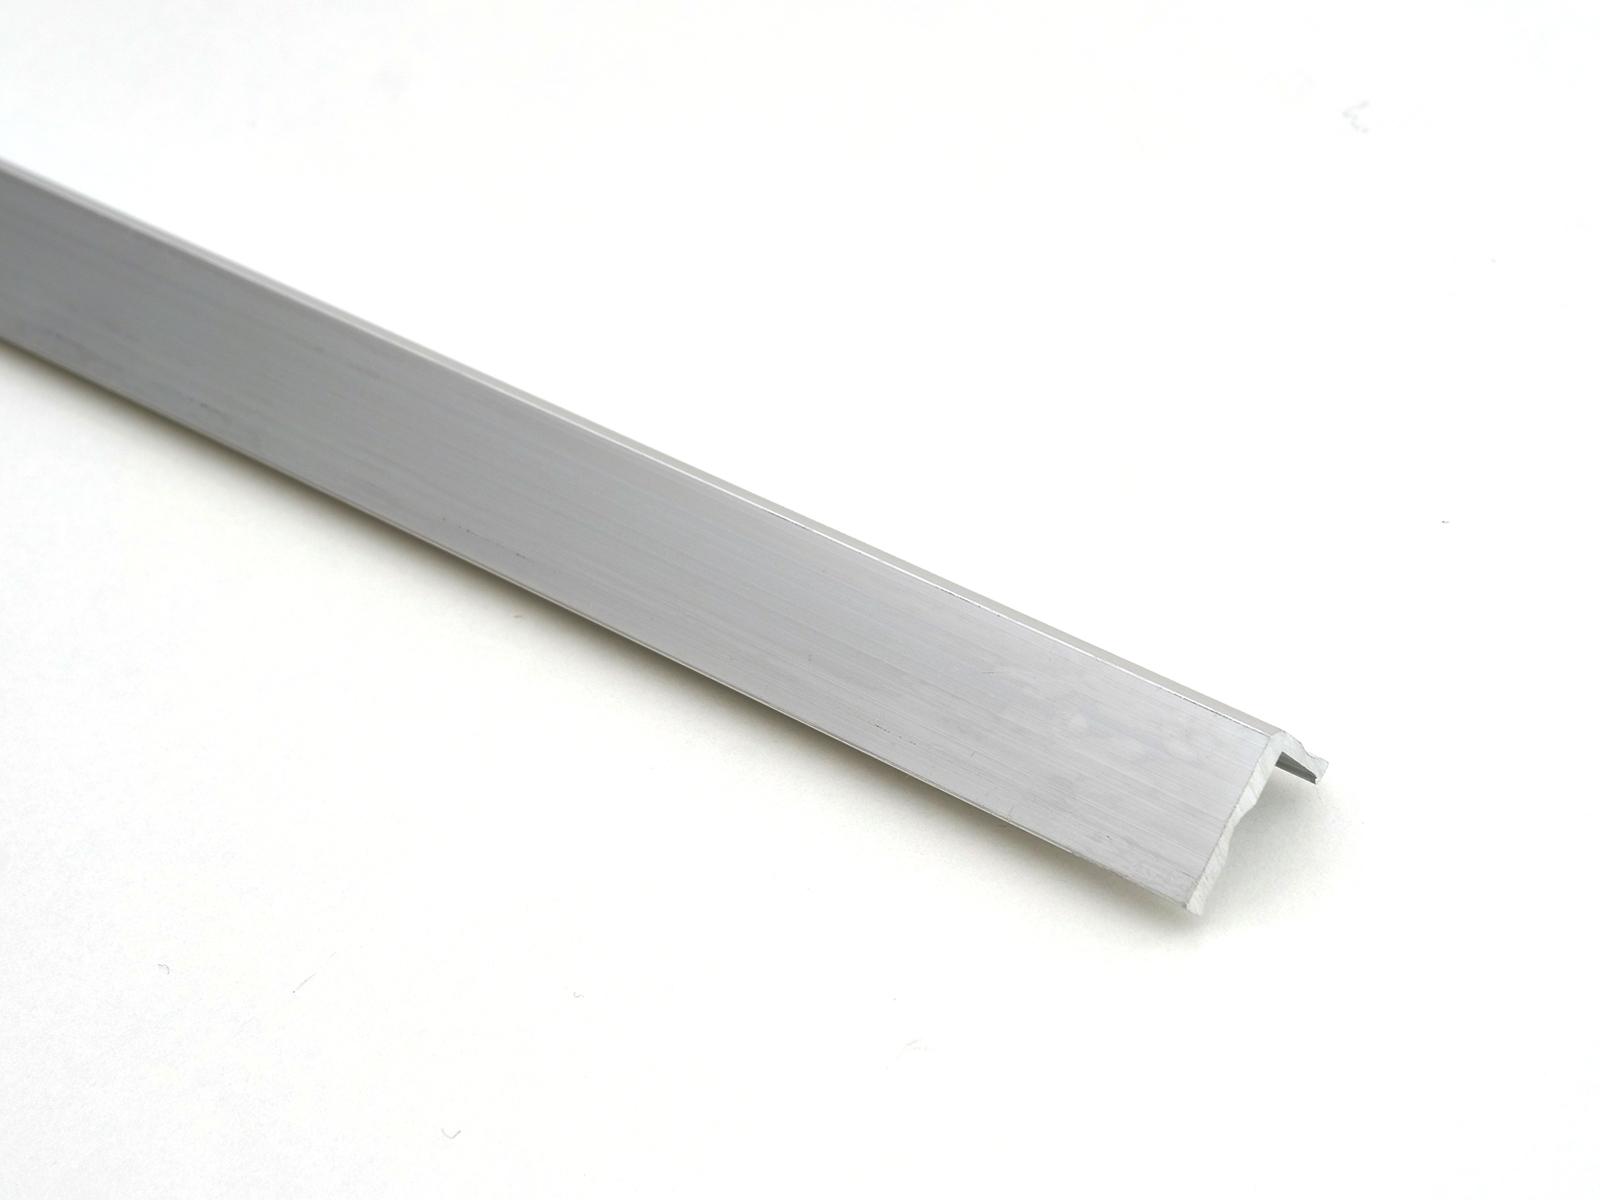 Cs alu L profil 8mm/2,5fm A01860 BAUplaza Kft.